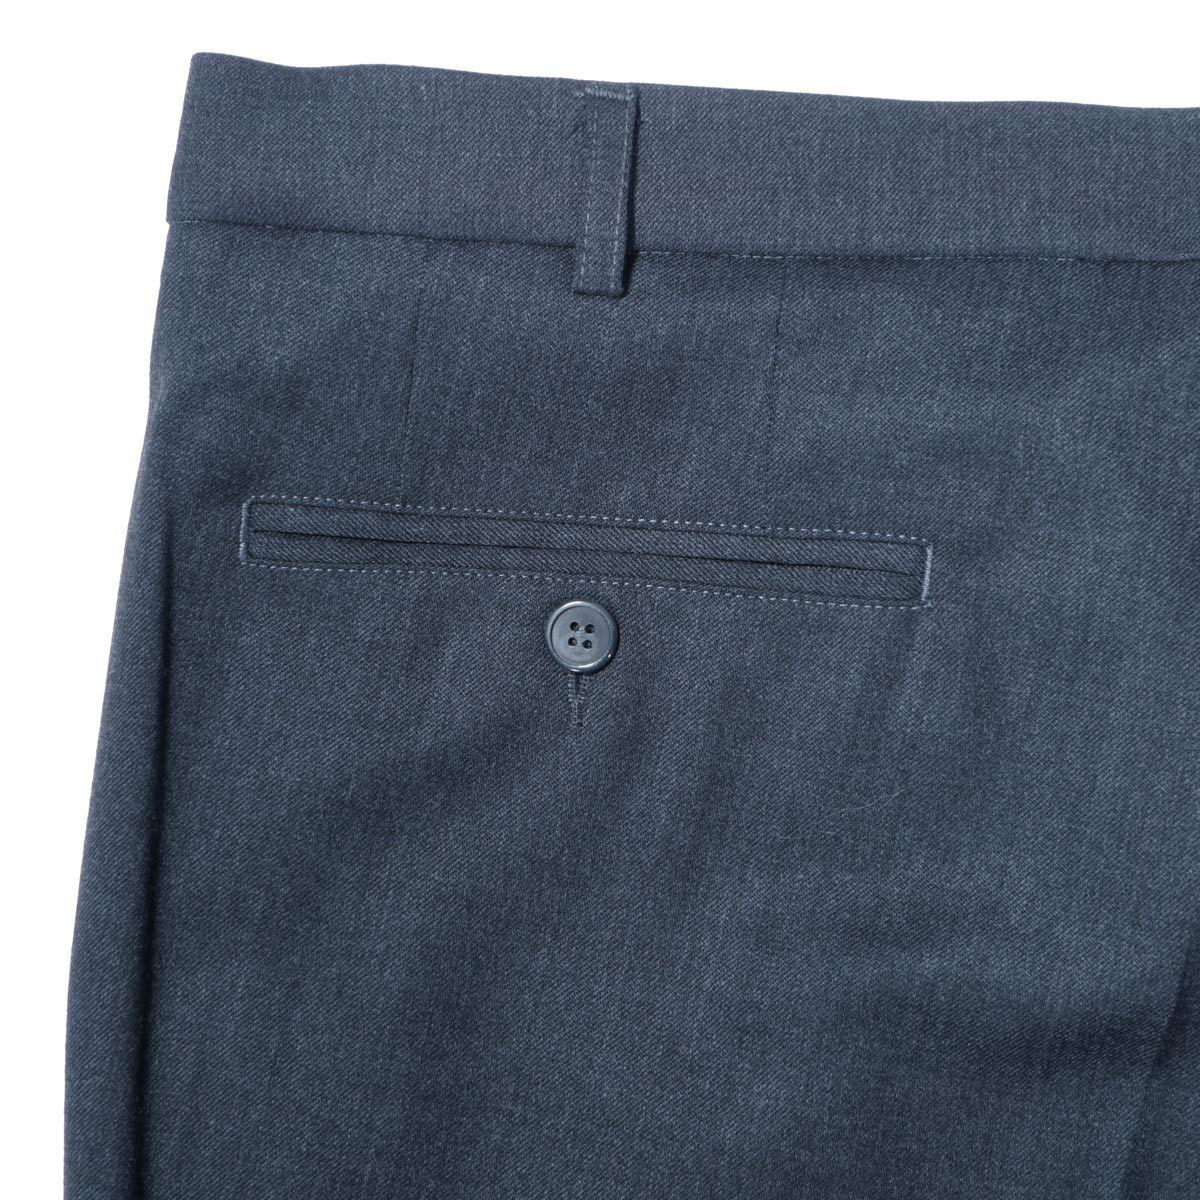 pantalon laine gris pour homme fort grande taille jusqu 39 au 72 size factory modexal. Black Bedroom Furniture Sets. Home Design Ideas